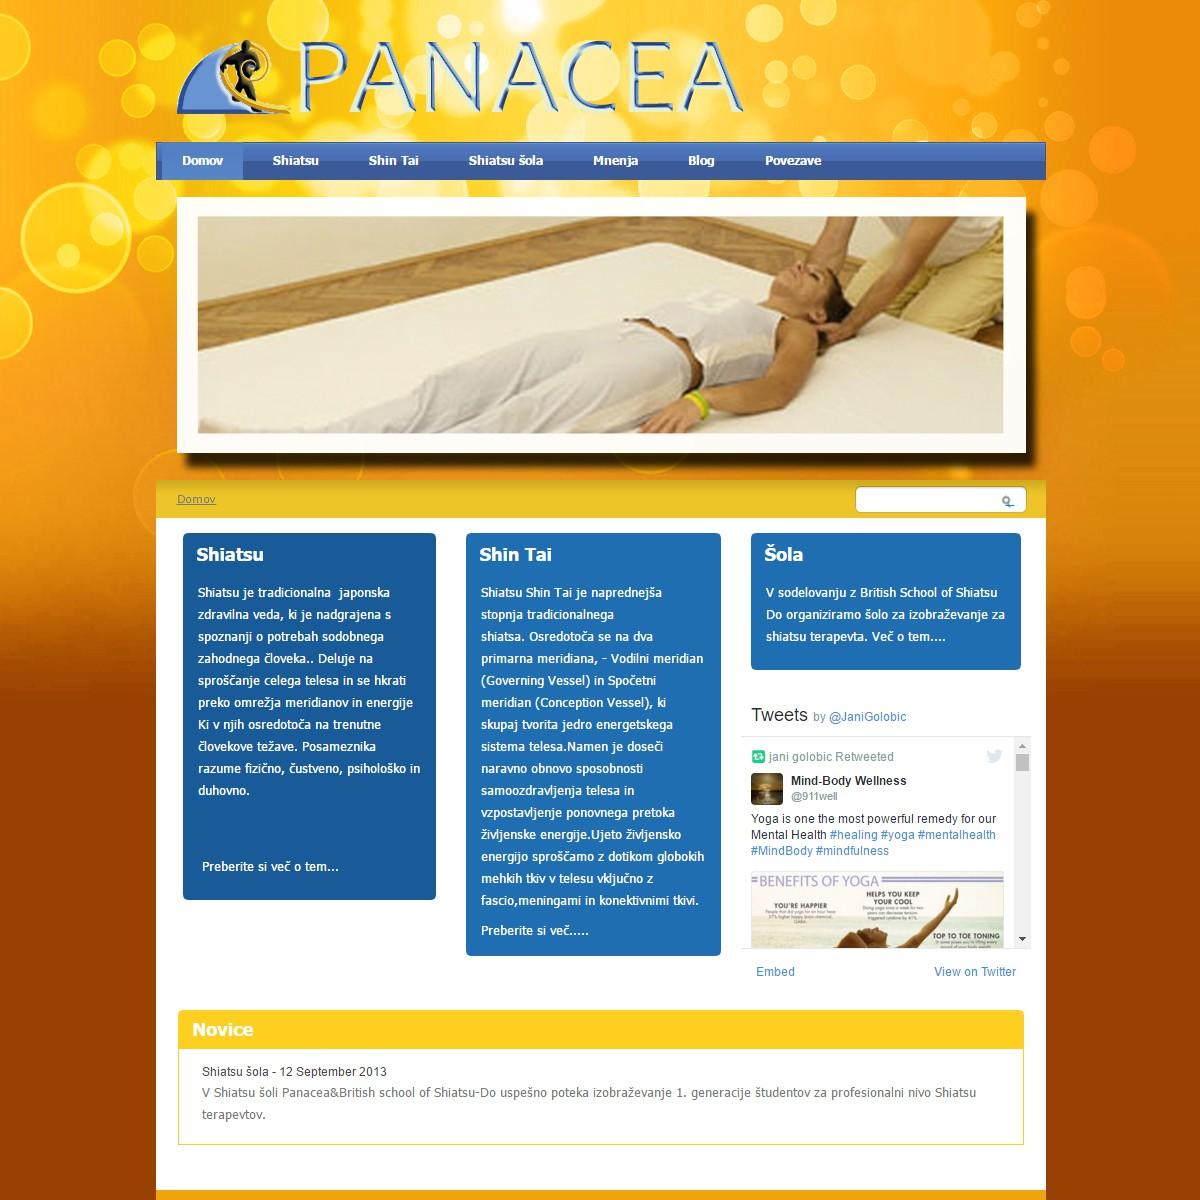 Spletna stran Panacea